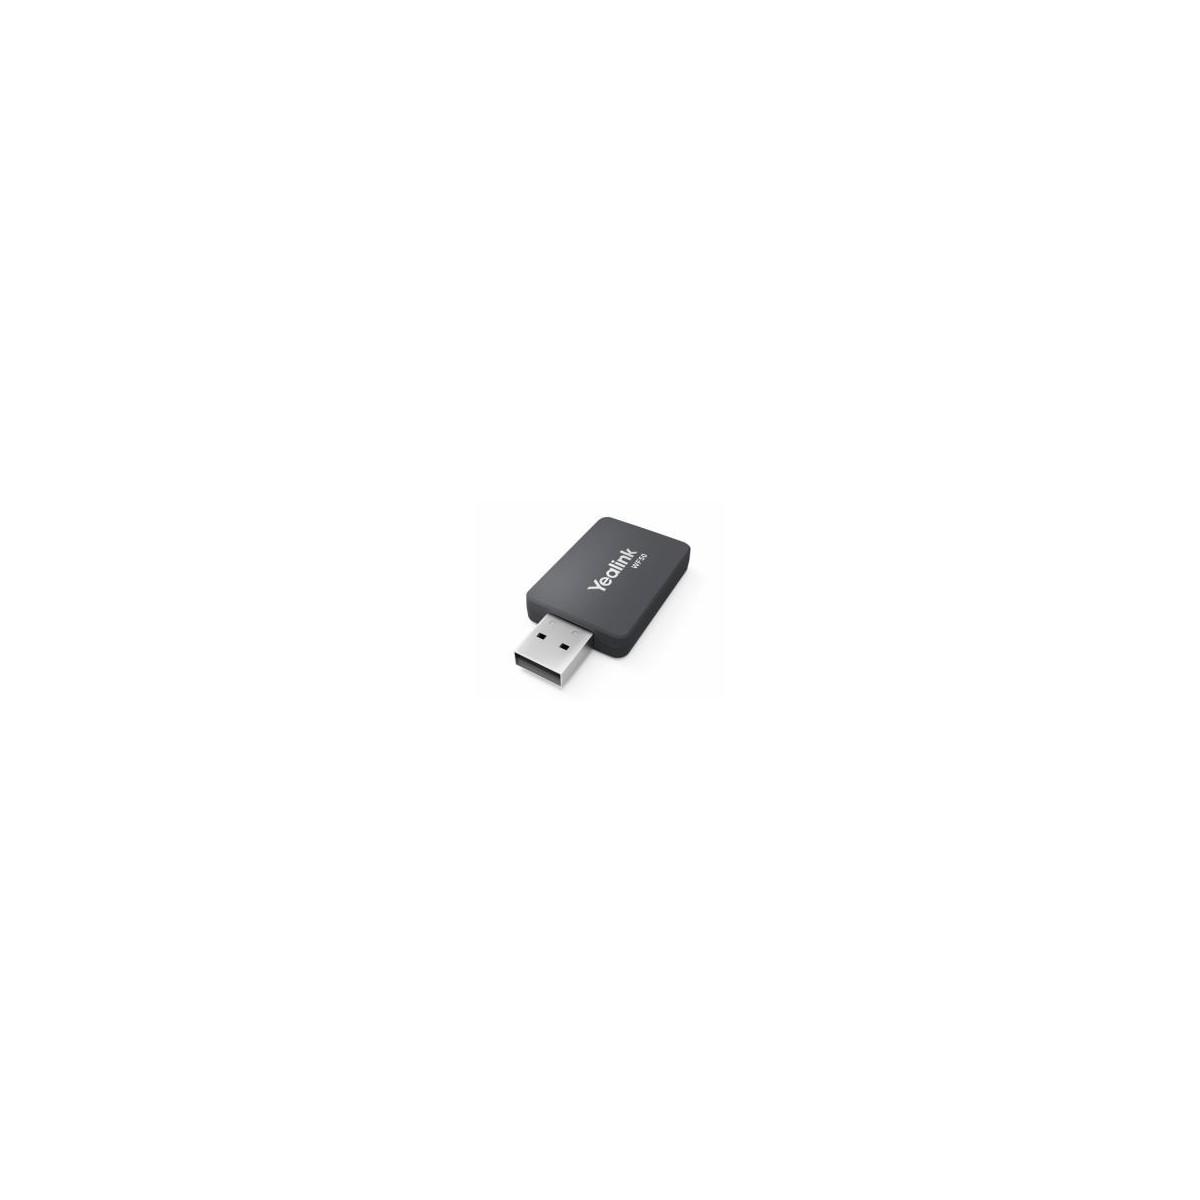 Yealink WF50 USB WI-FI Dongle